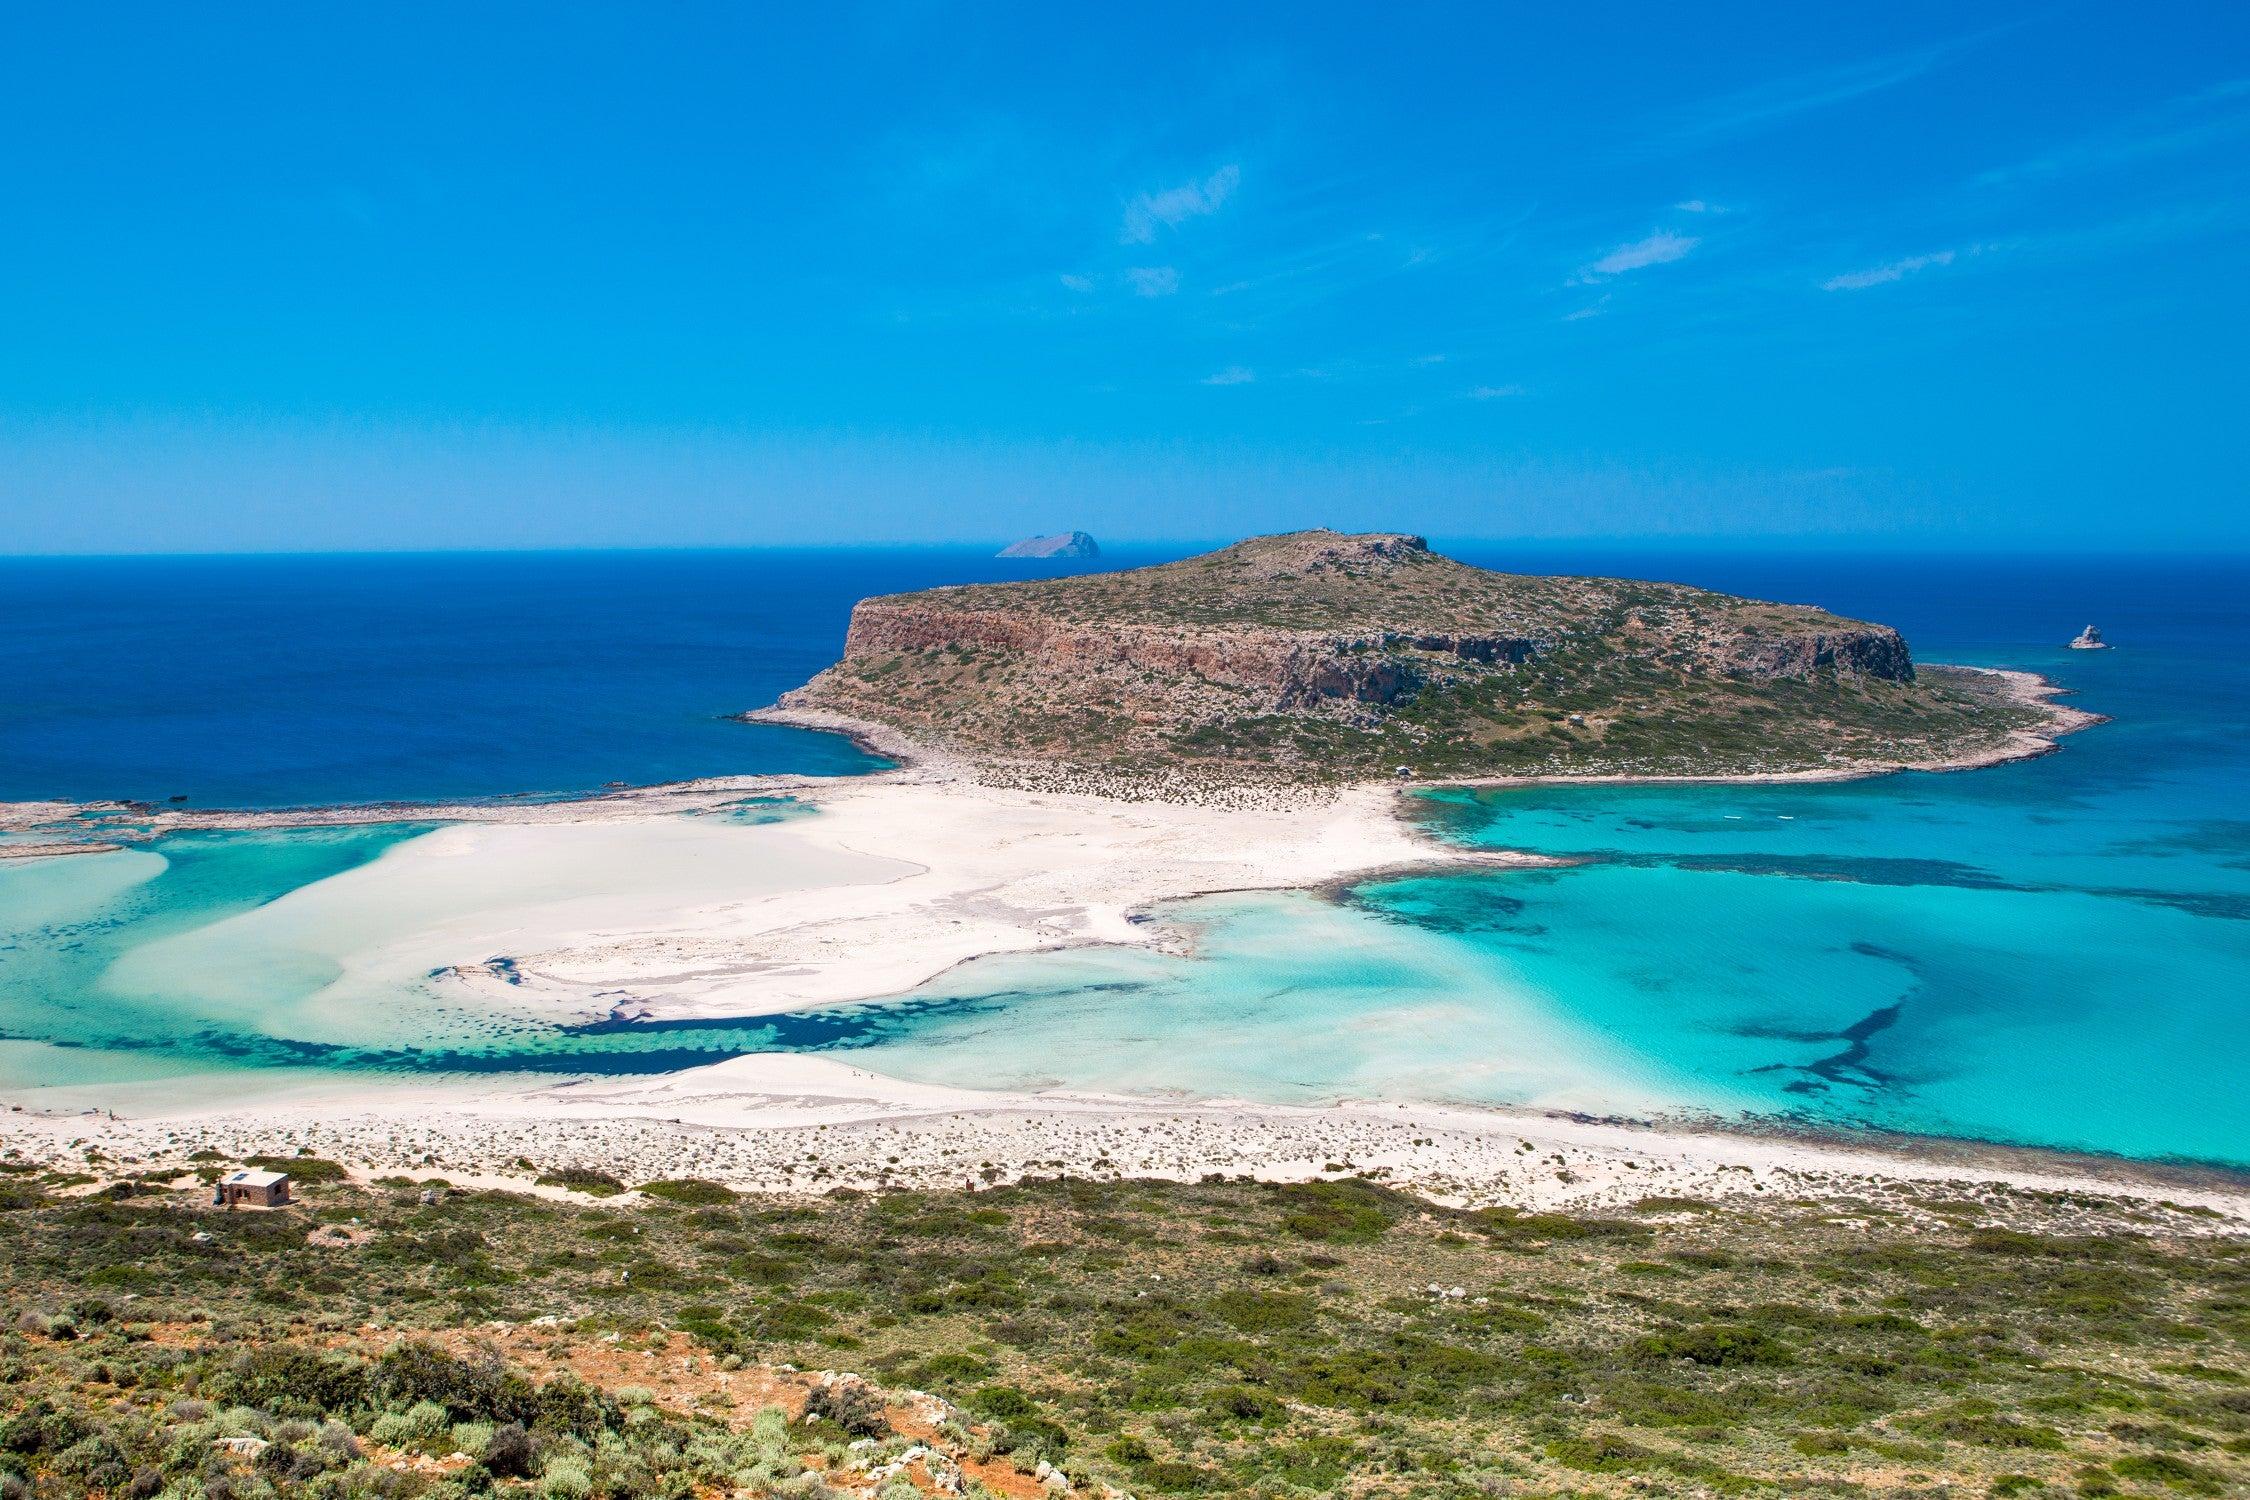 Die Bucht von Balos - die schönsten Strände Griechenlands - Opodo Reiseblog